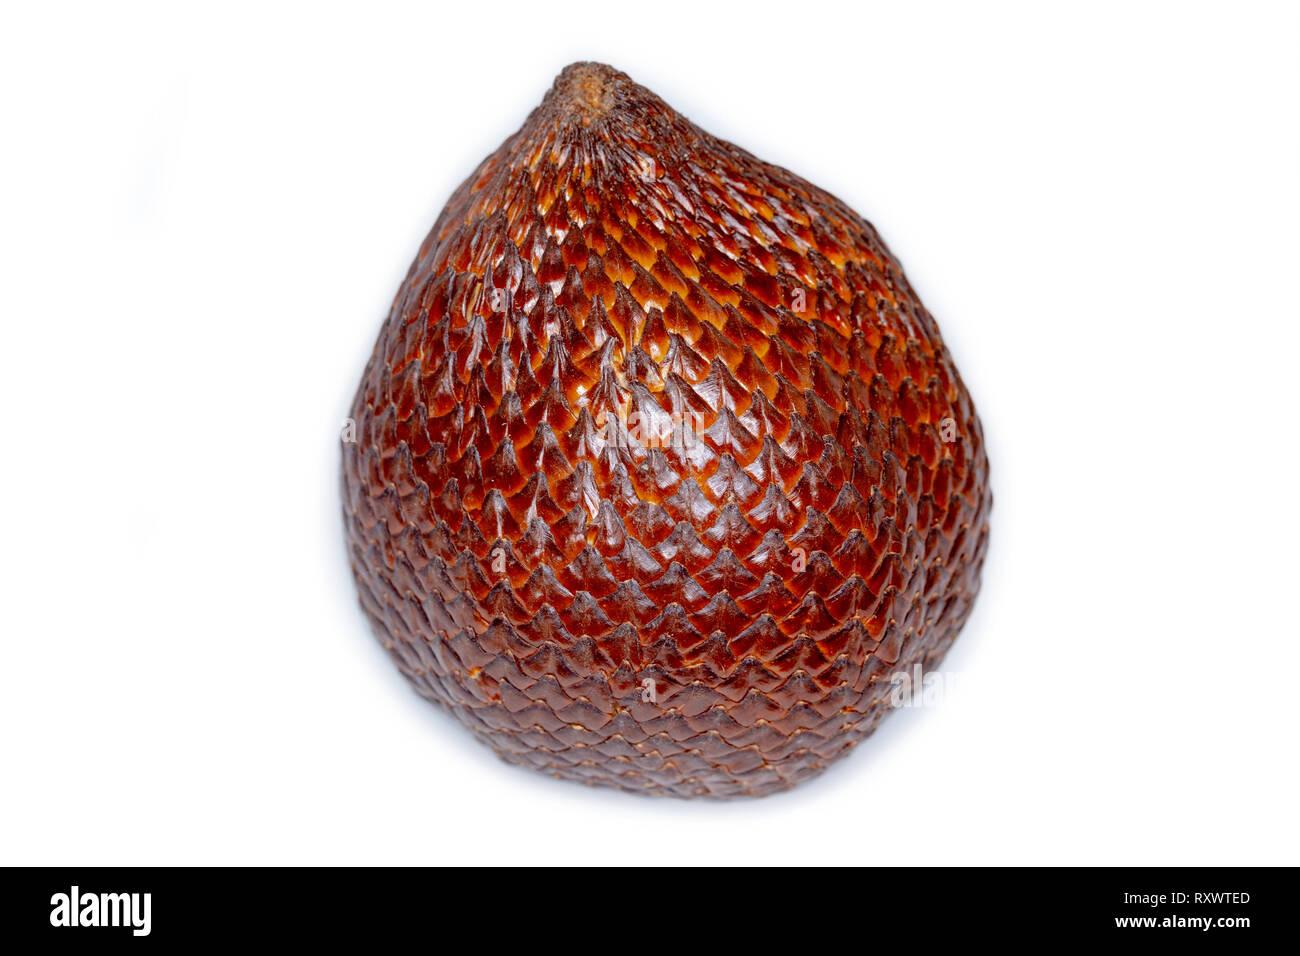 Closeup of salak snake fruit - Salacca Zalacca - isolated on white background - Stock Image